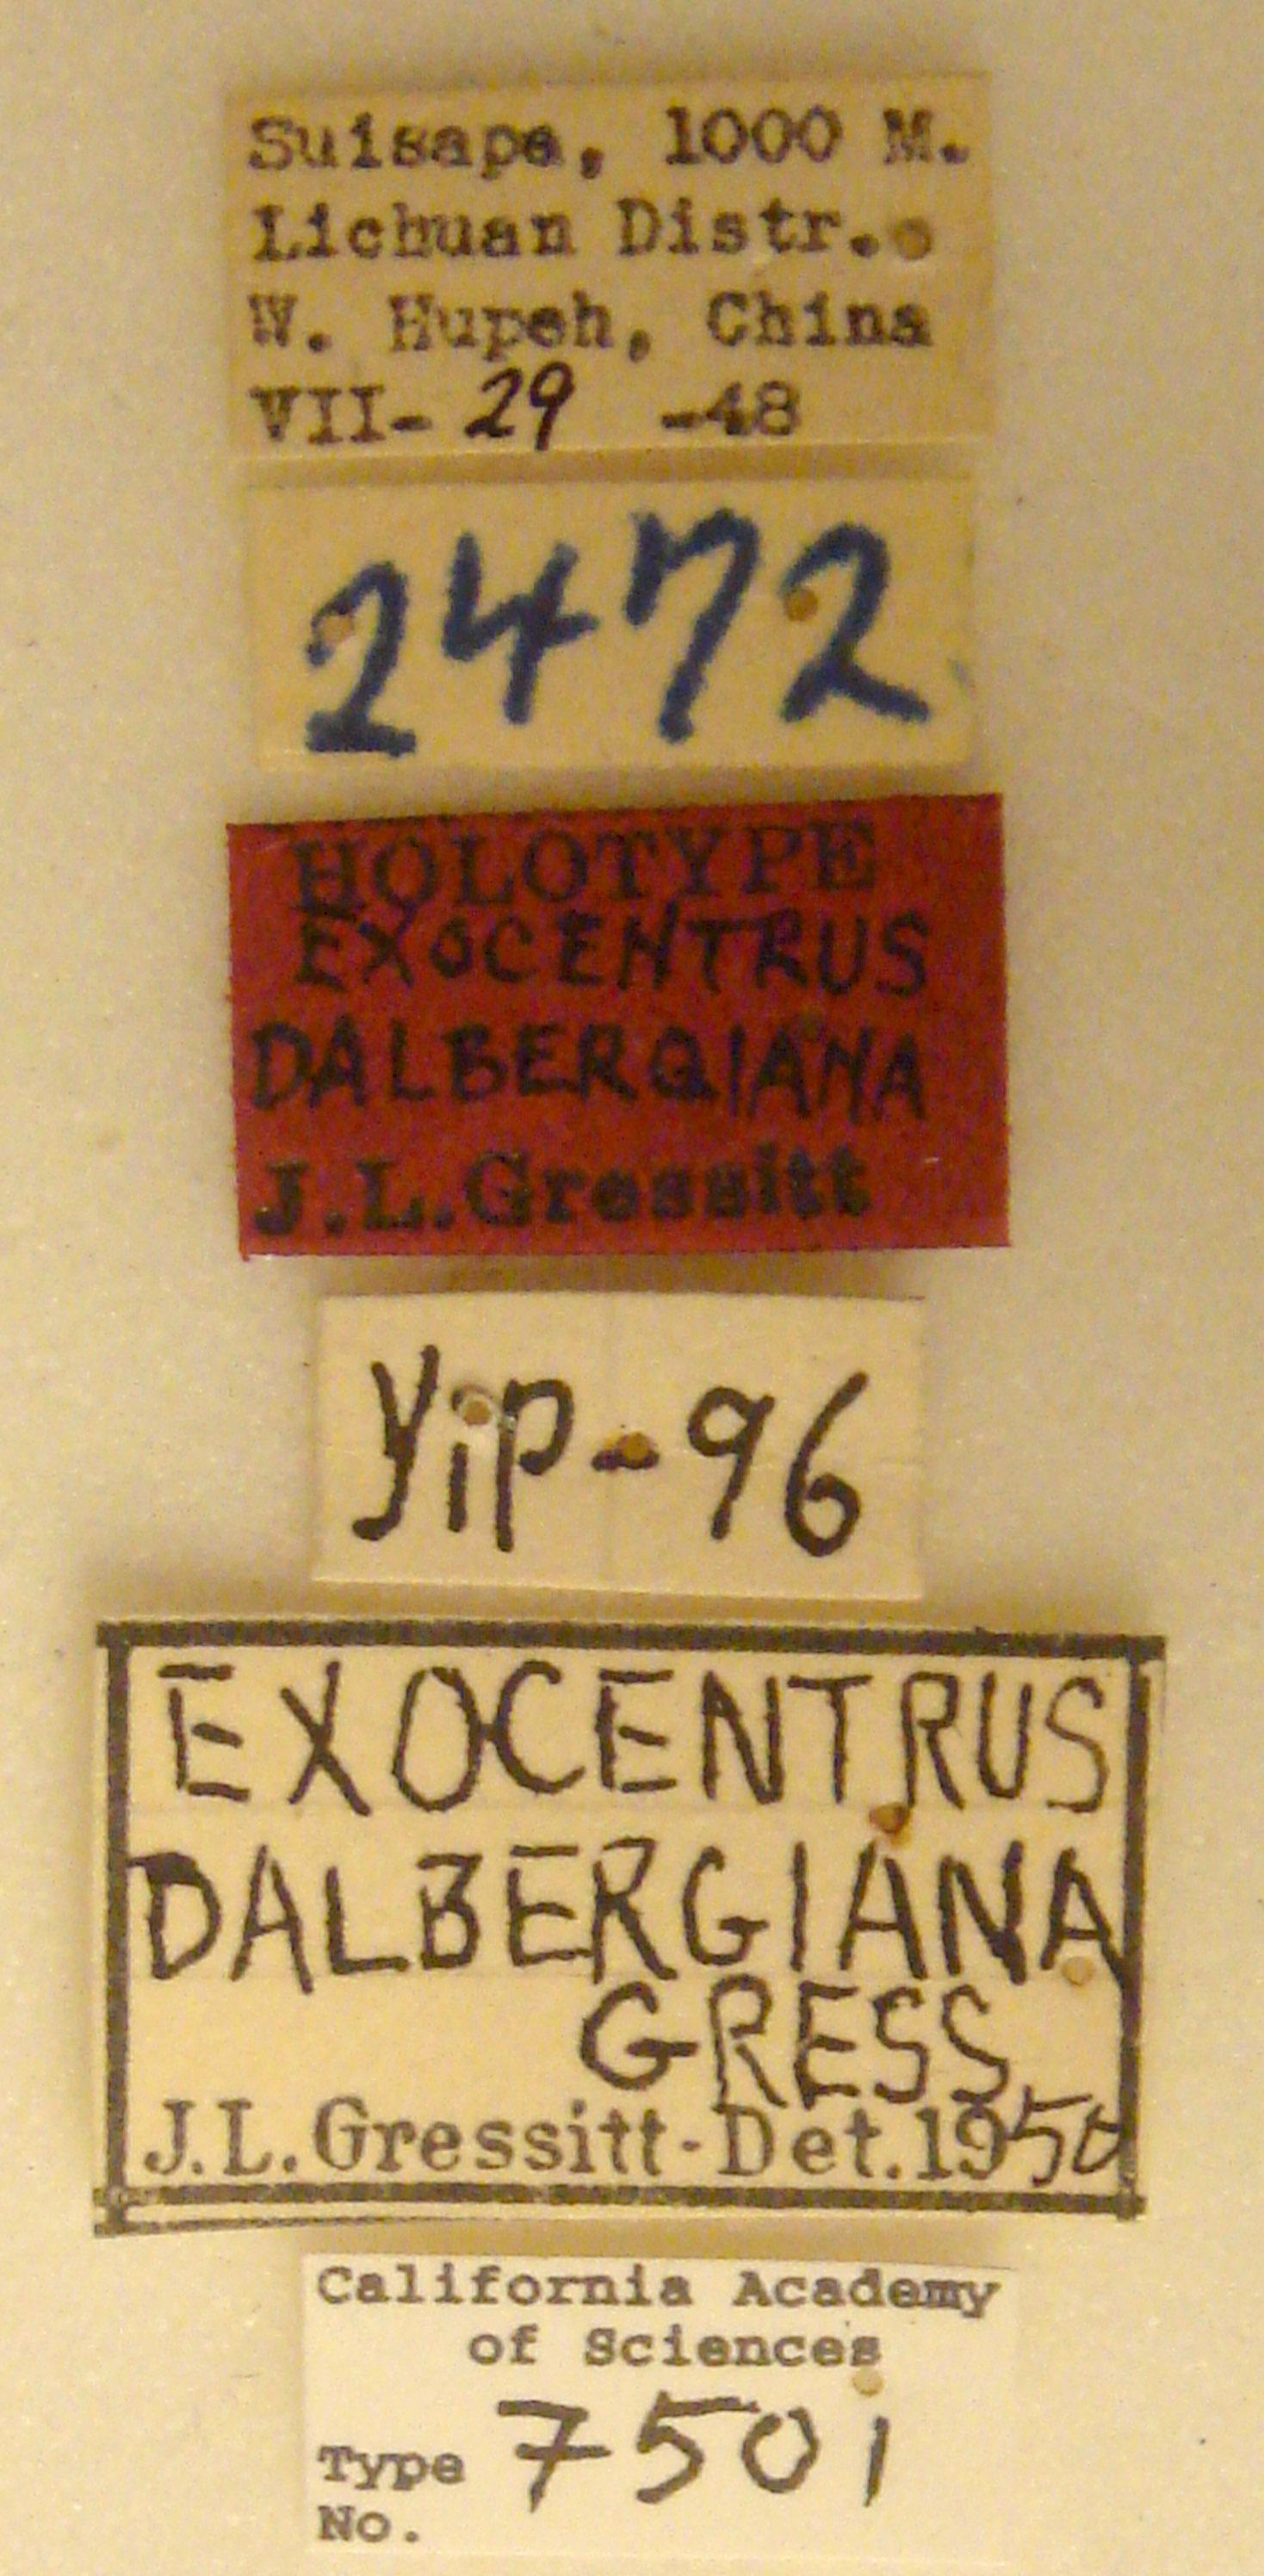 Exocentrus dalbergianus image